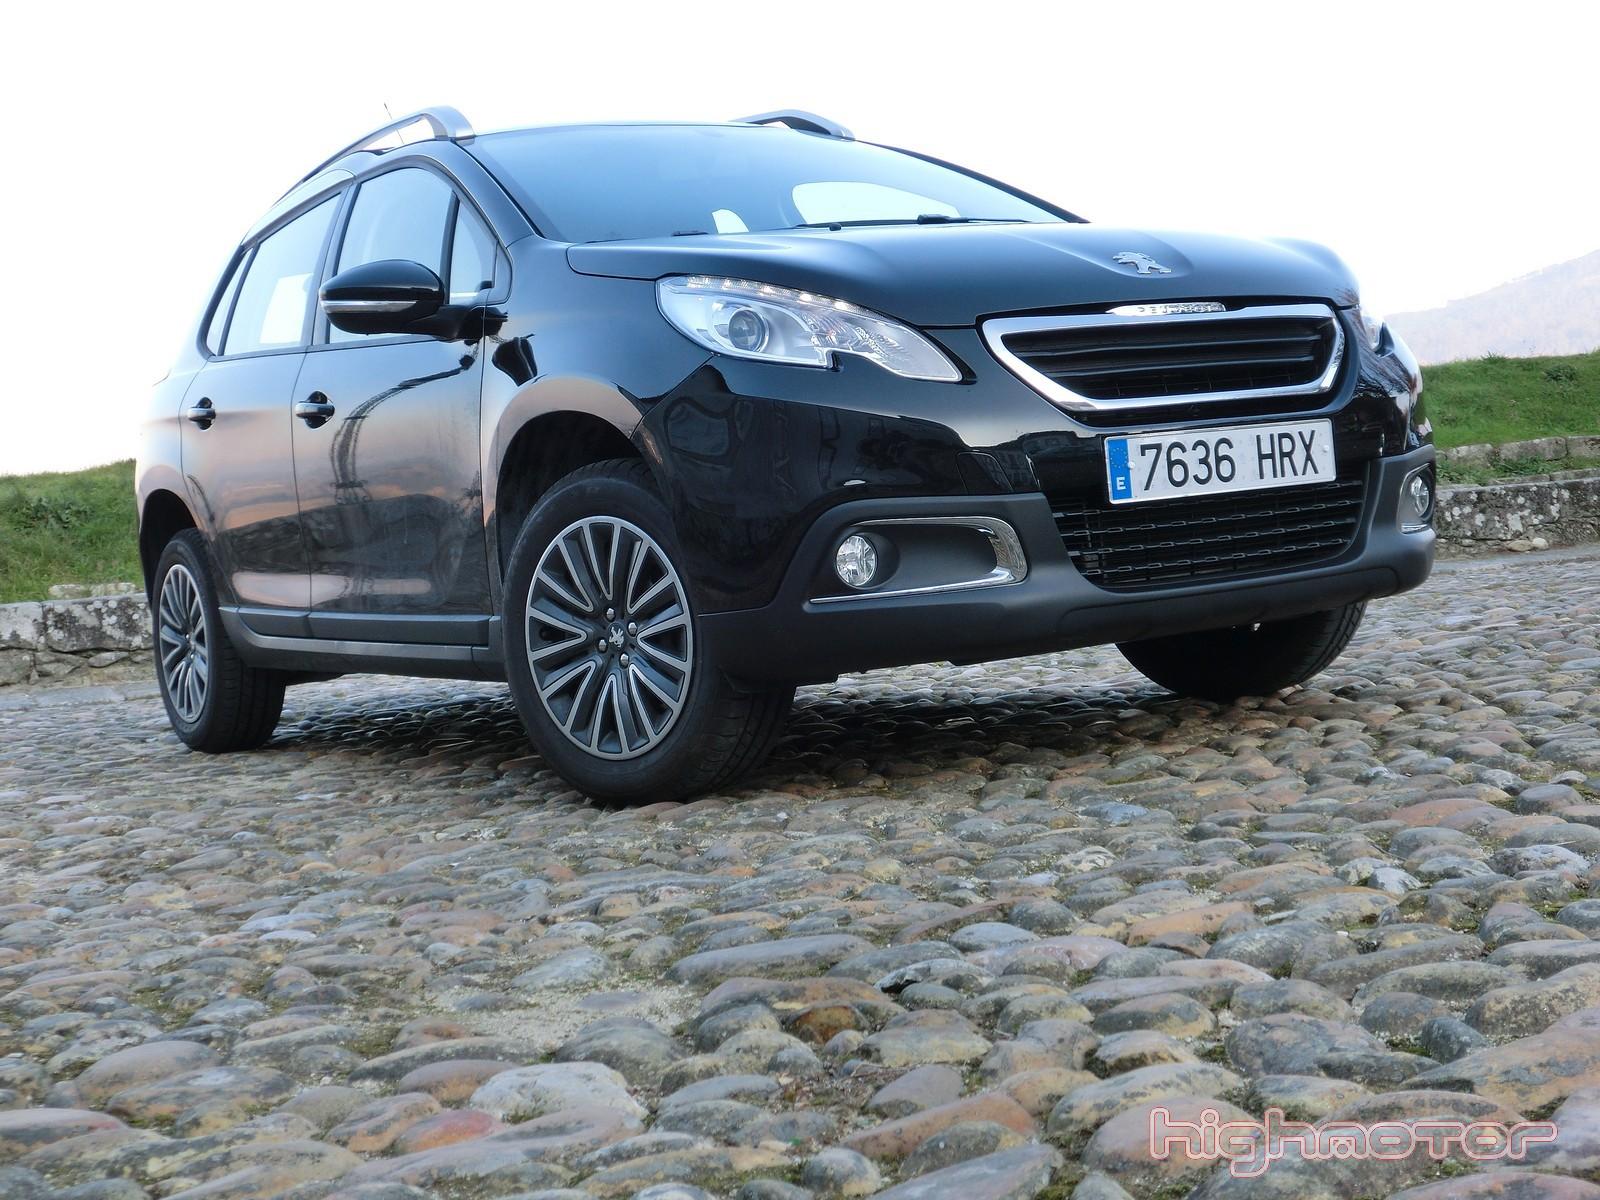 Peugeot 2008 1.2 VTi 82 CV, prueba (Diseño exterior, interior y acabados)